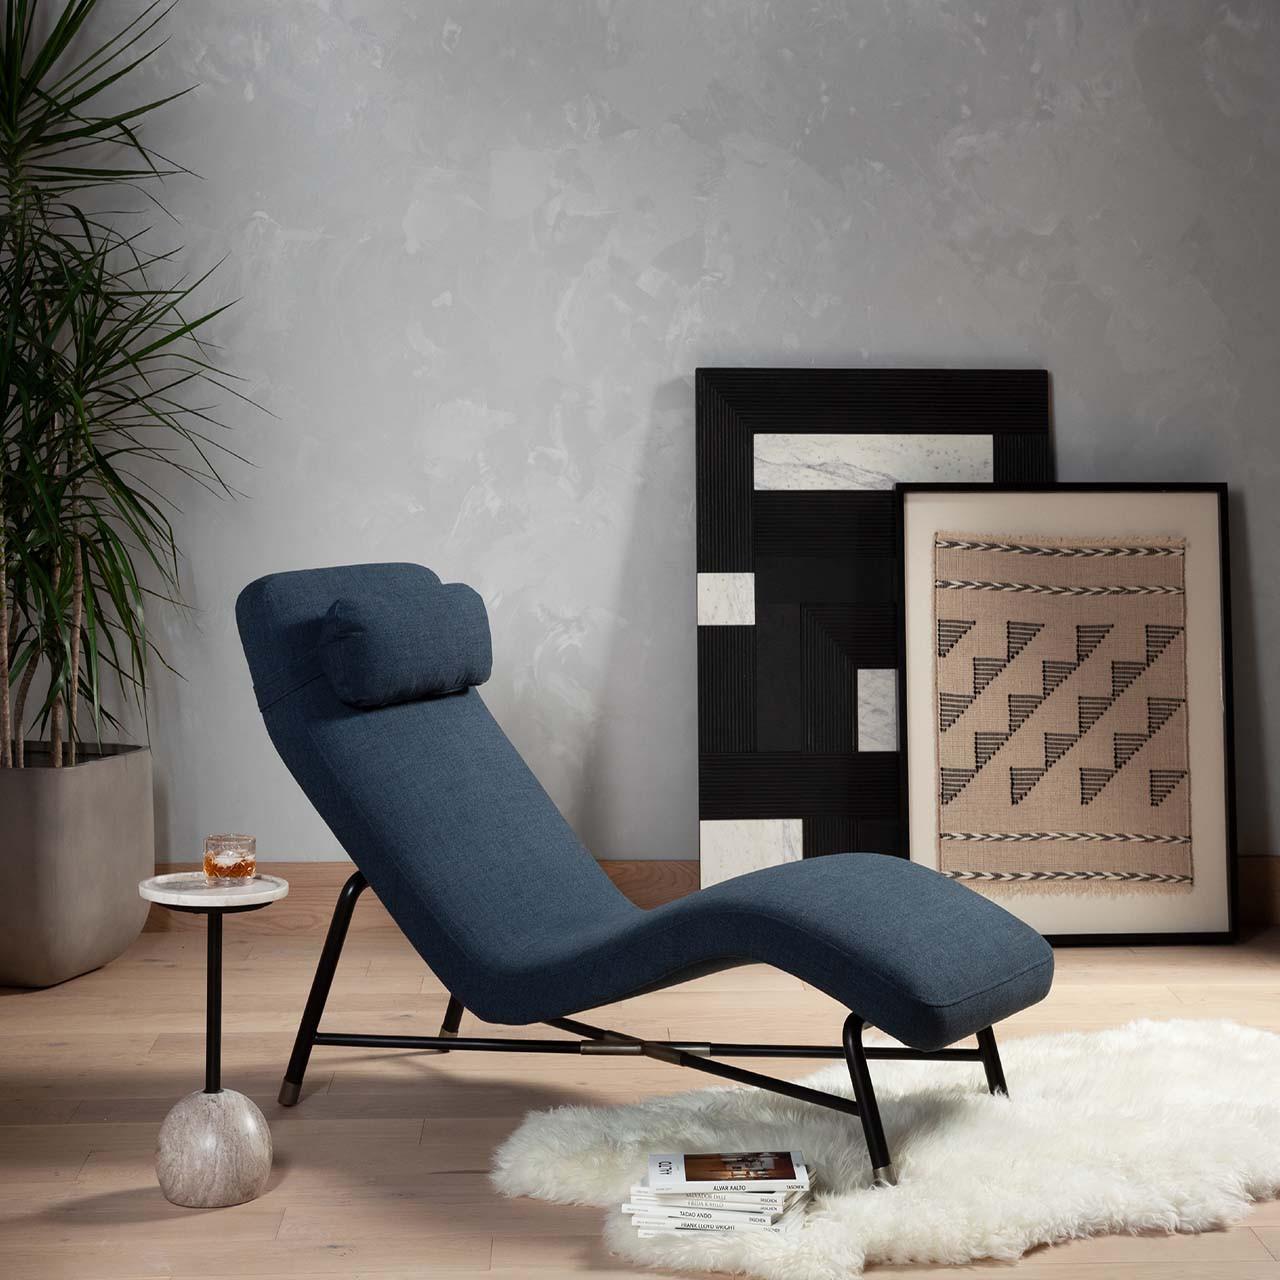 Denley Chaise Lounge - Highland Sky